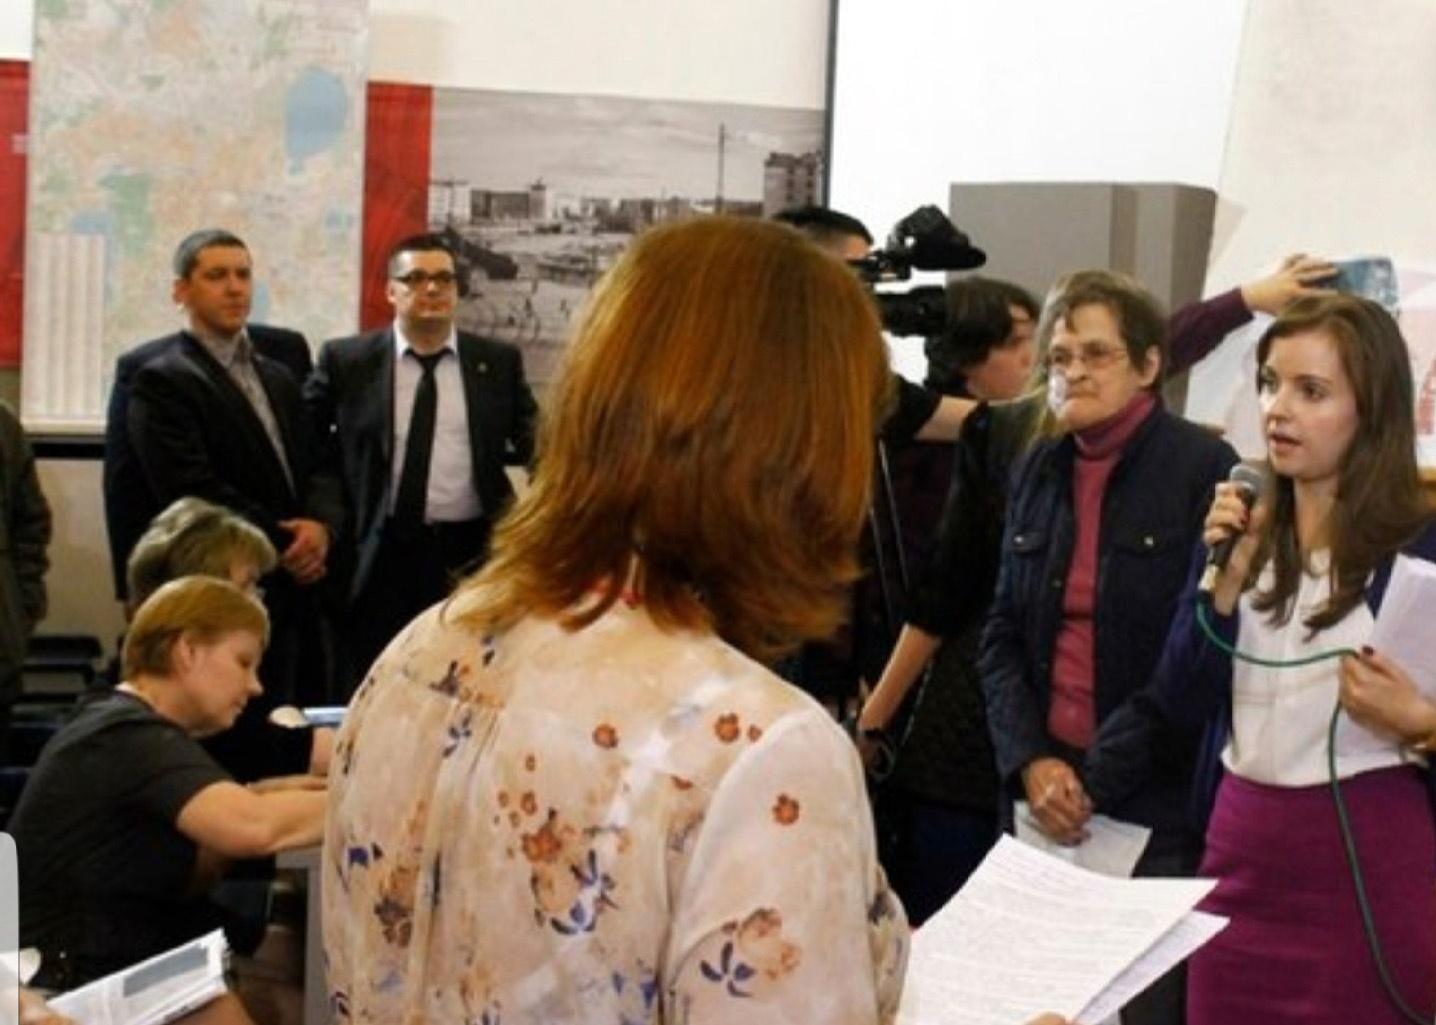 По словам депутата, эти фото были сделаны на круглом столе по скверу на Захаренко ещё в 2015 году